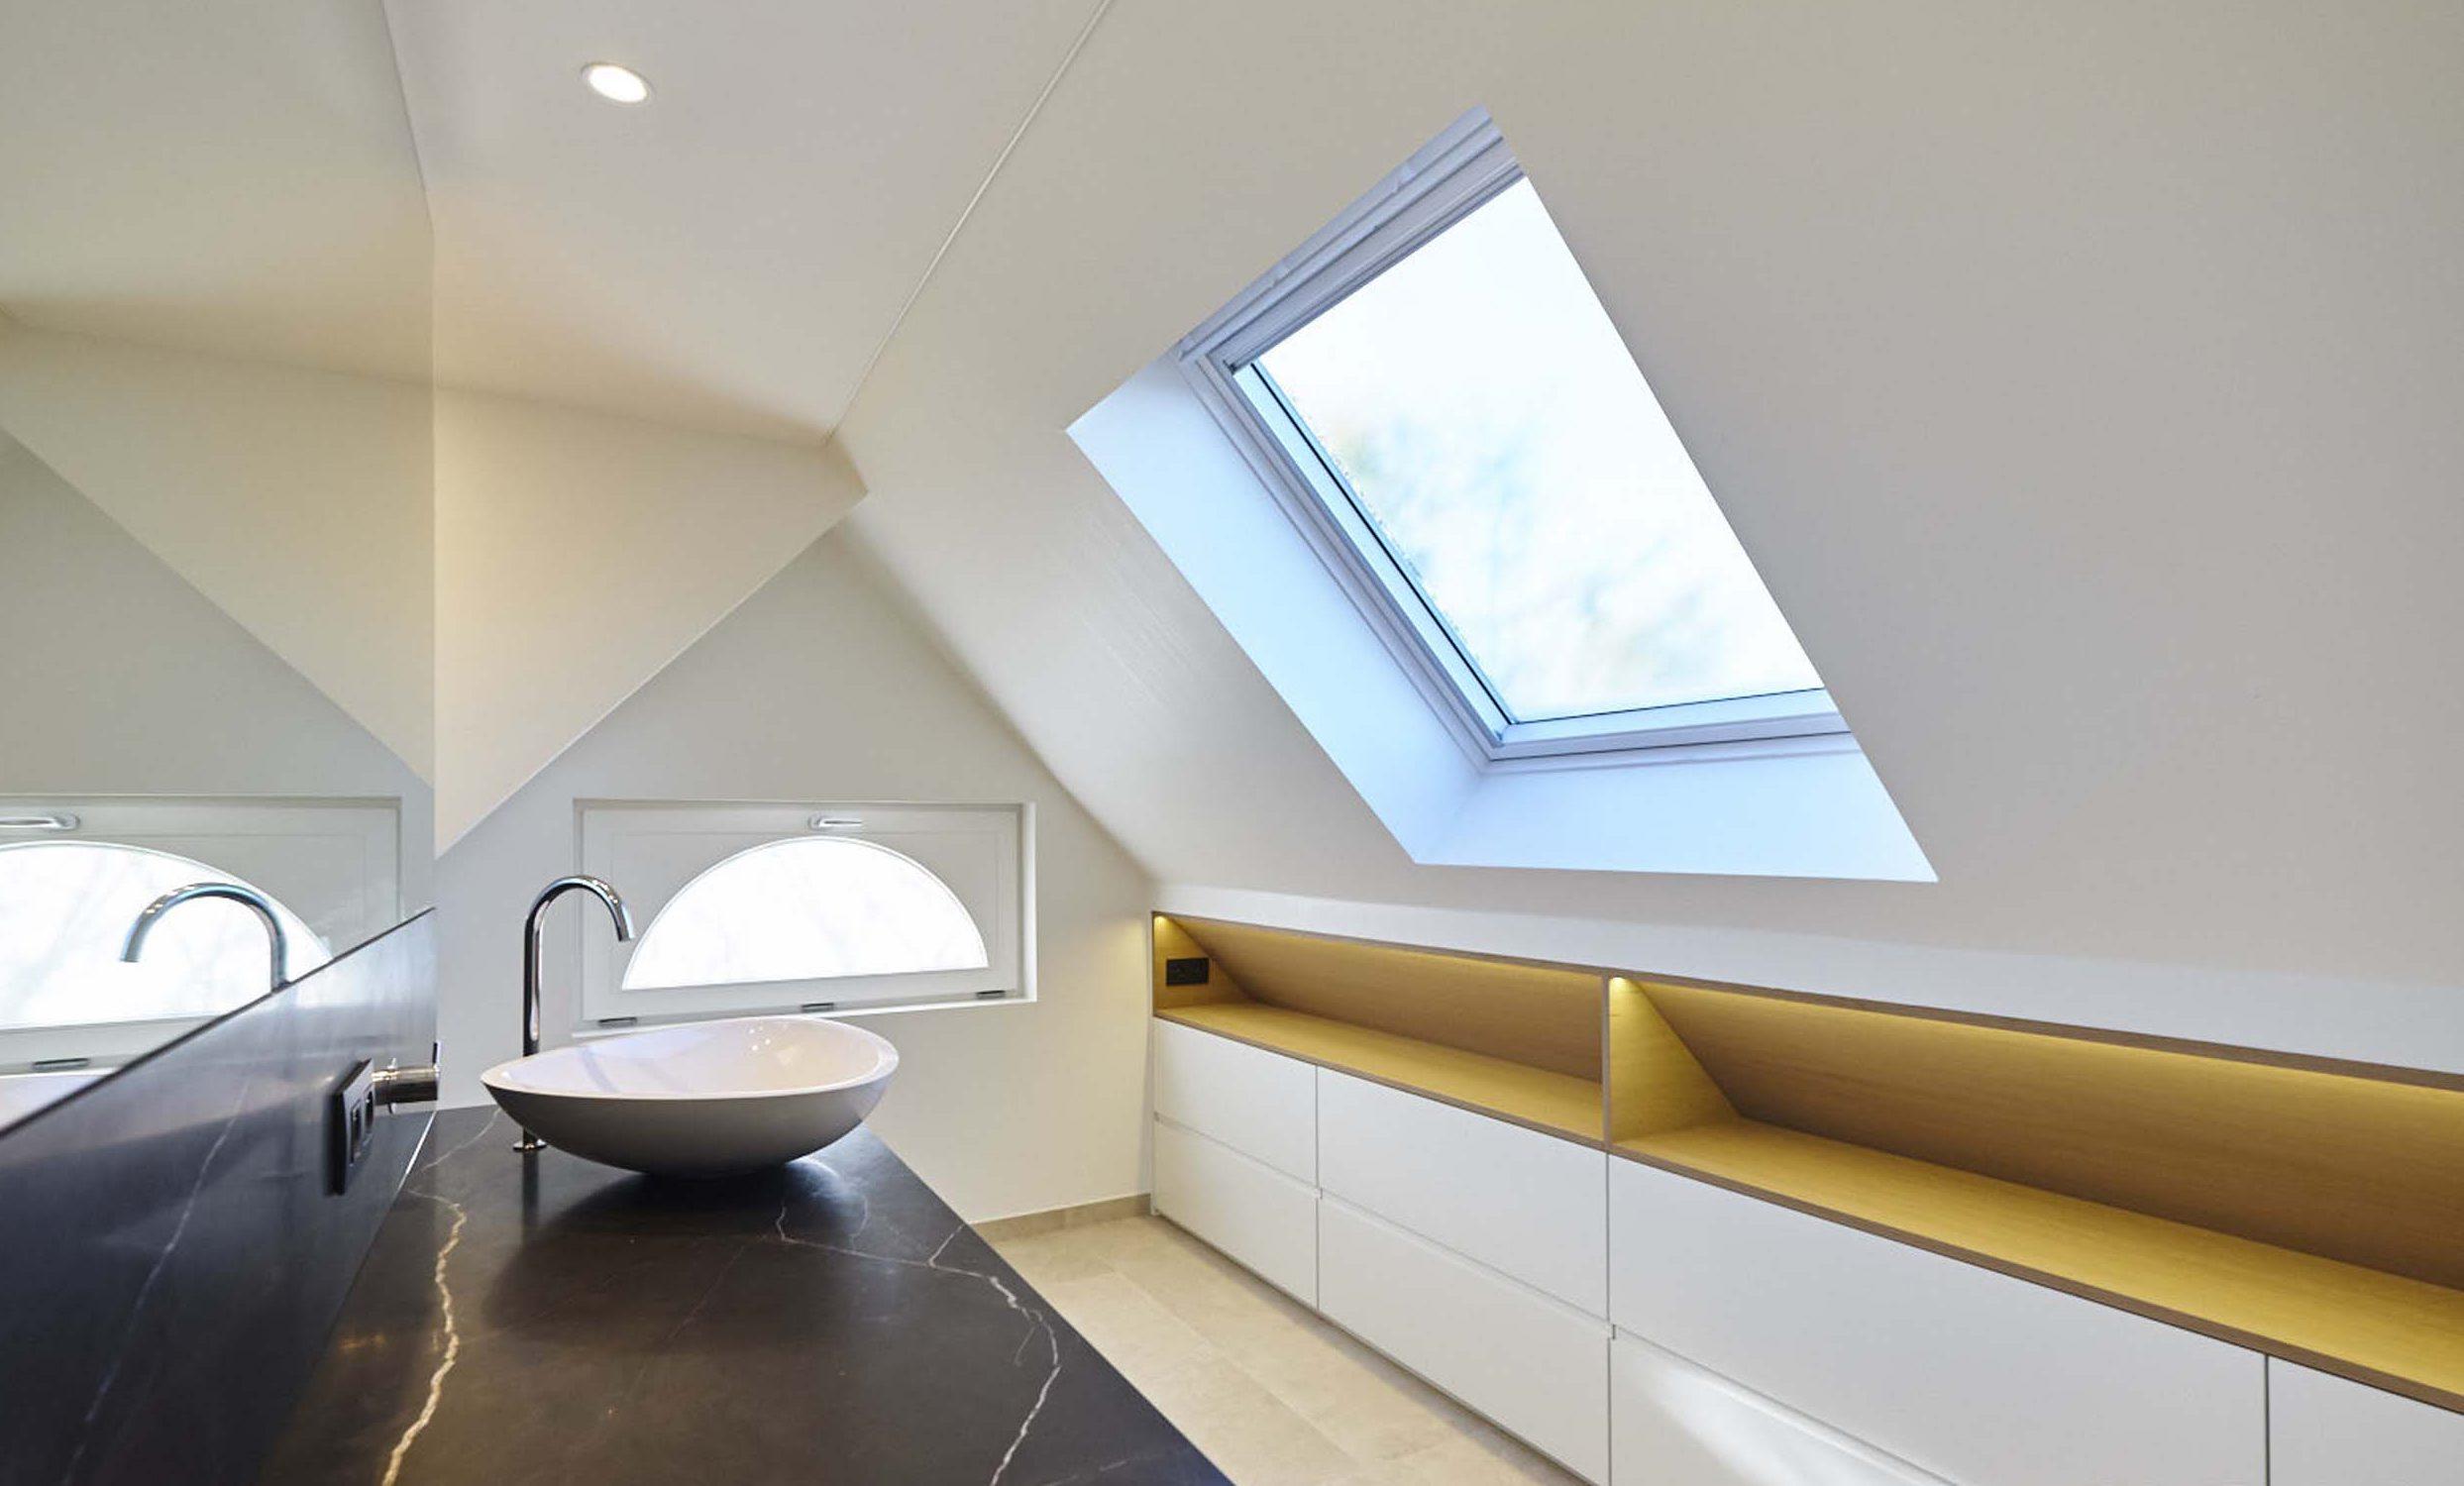 Vanda-projects-interieurinrichting-meubelmakerij-oost-vlaanderen-riem-badkamer-licht